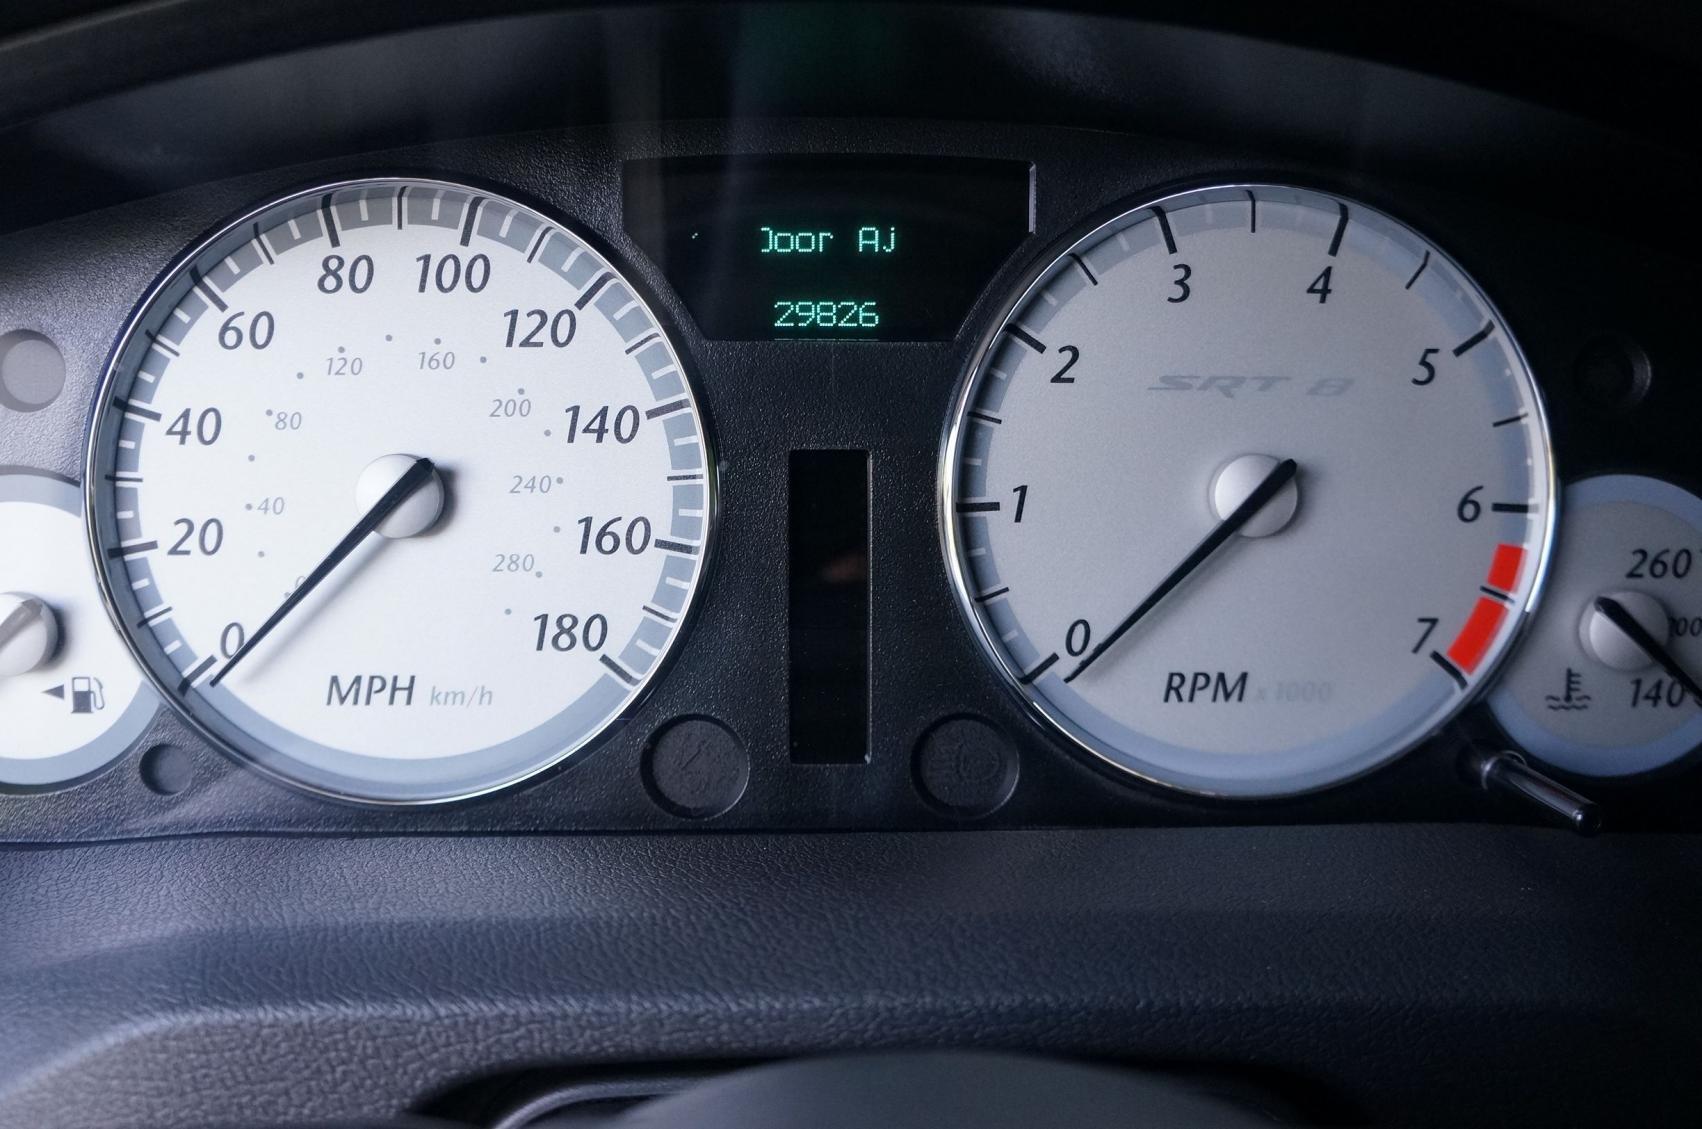 D Chrysler C Srt Supercharged L Over K Mods Dsc on Chrysler 300 Transmission Cooler